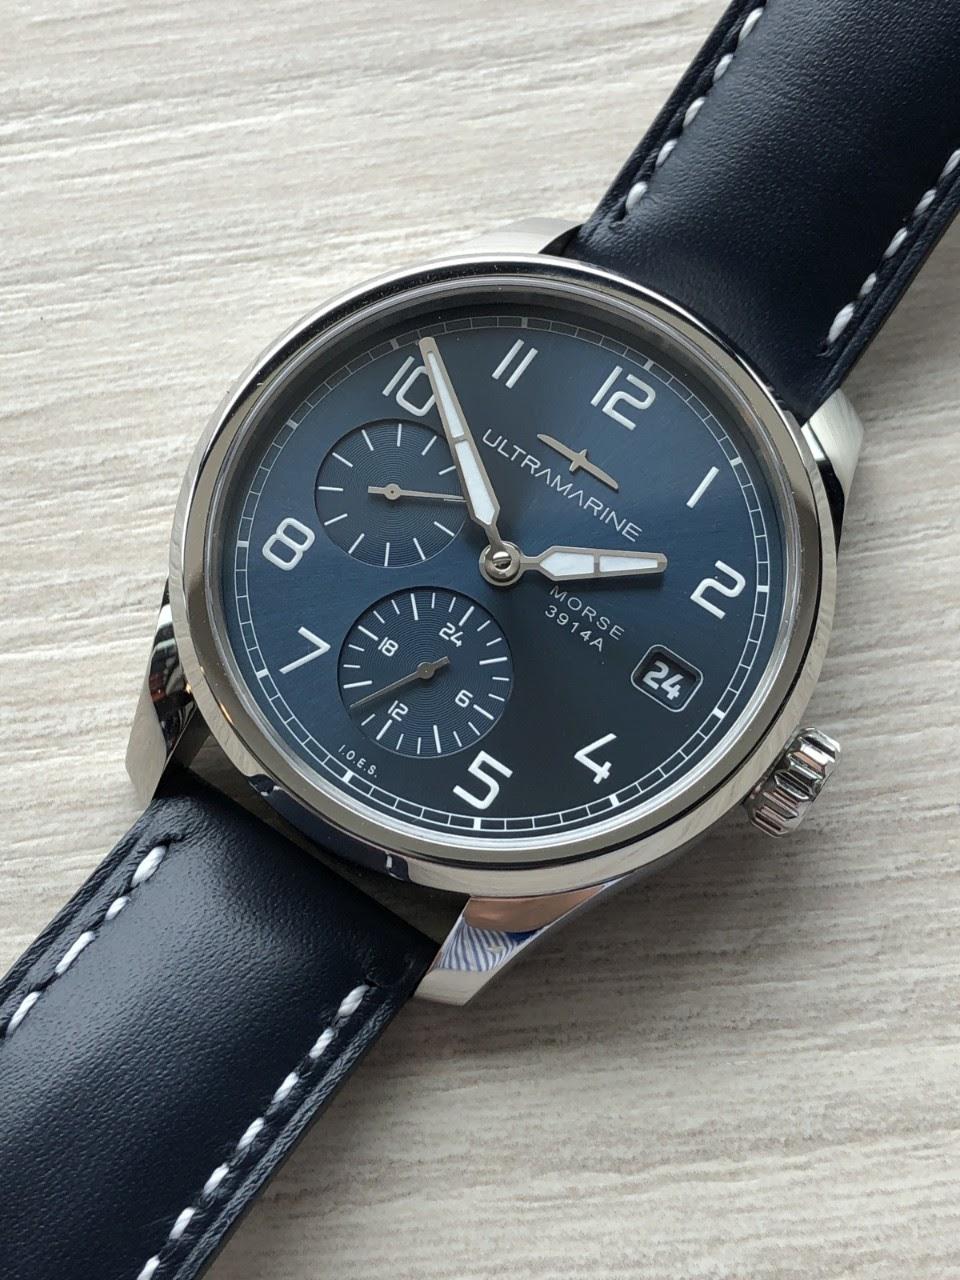 ULTRAMARINE Morse 9141B - Conçue pour ceux qui aiment les vraies montres - Page 40 Home_6244946